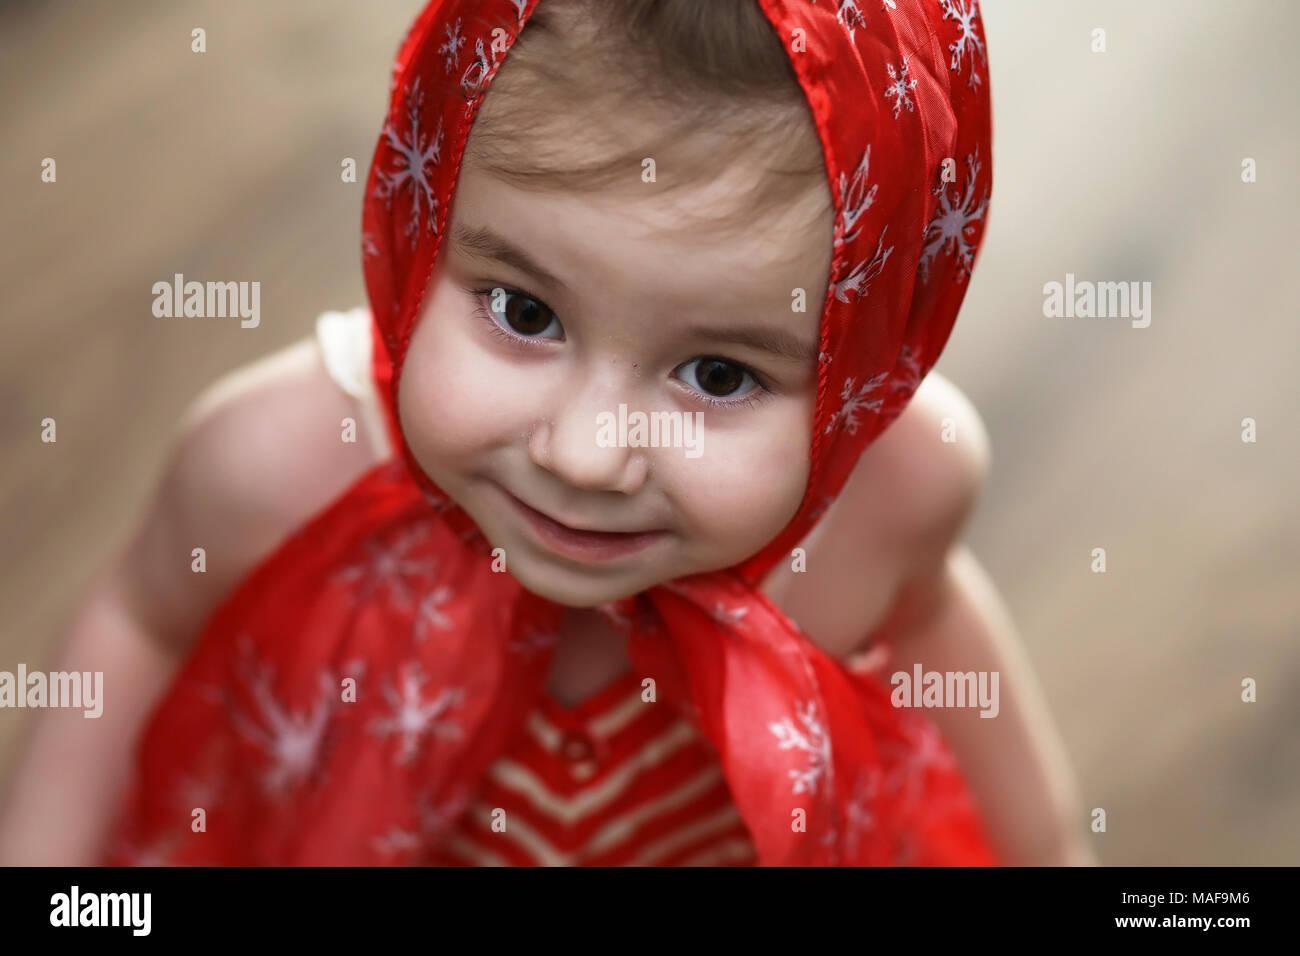 Niña Vestidos Rojos Bailando Con Pañuelo Foto Imagen De